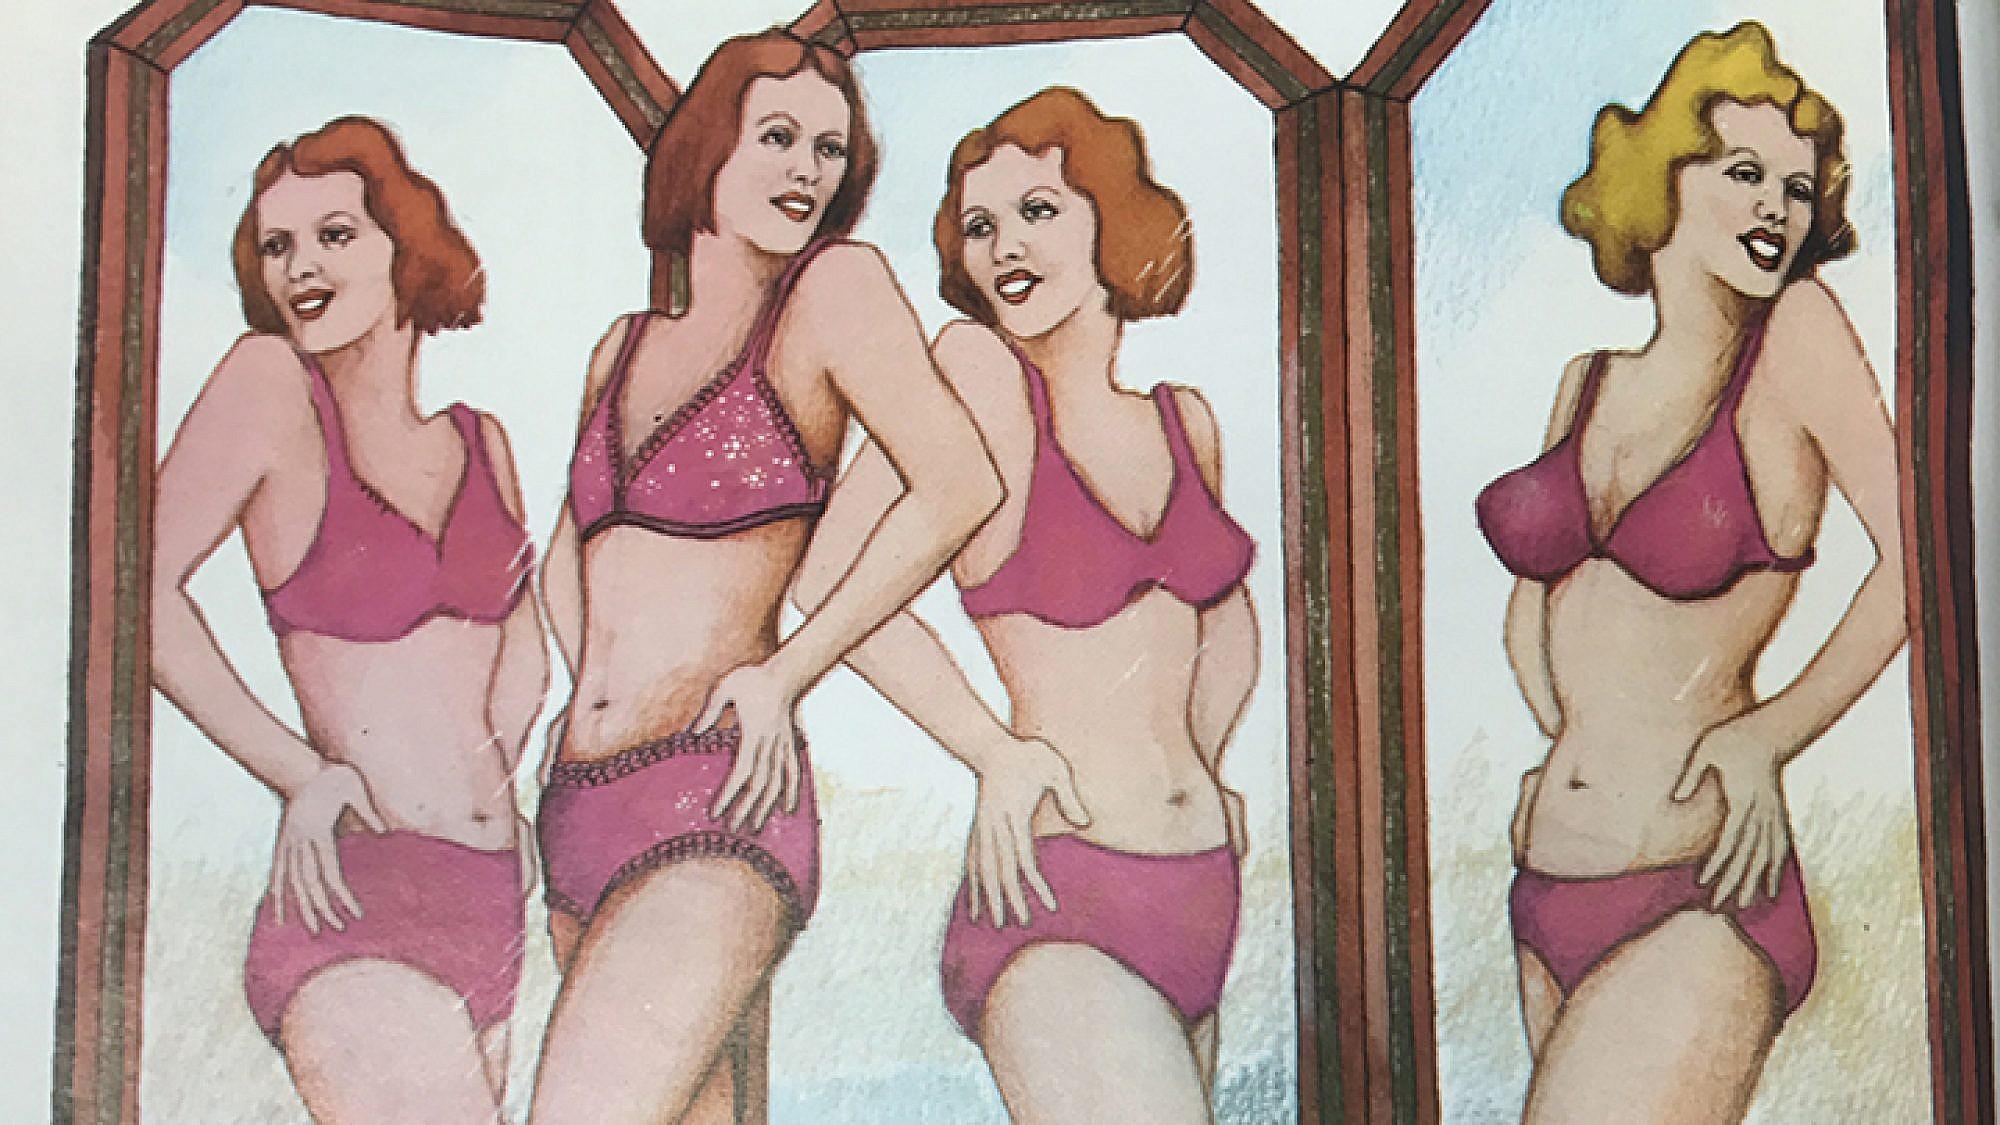 ״איזה אופי או פסיכו־פיגוריזם״ | ״את״, גיליון 75, מרץ 1975